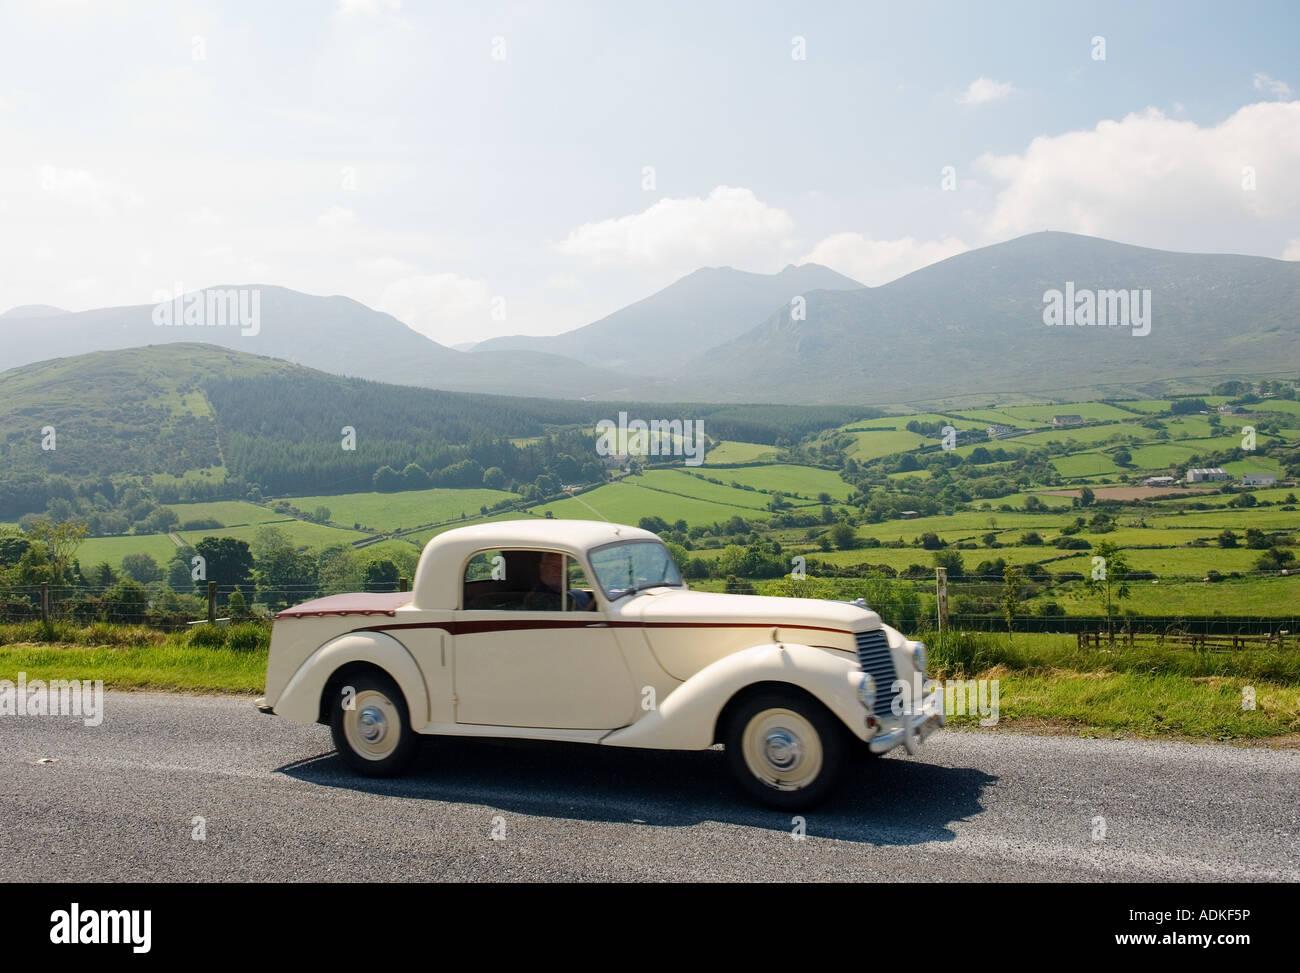 Coches antiguos en el Tourer Trassey carretera a través de las montañas de Mourne, Condado de Down, Irlanda Imagen De Stock